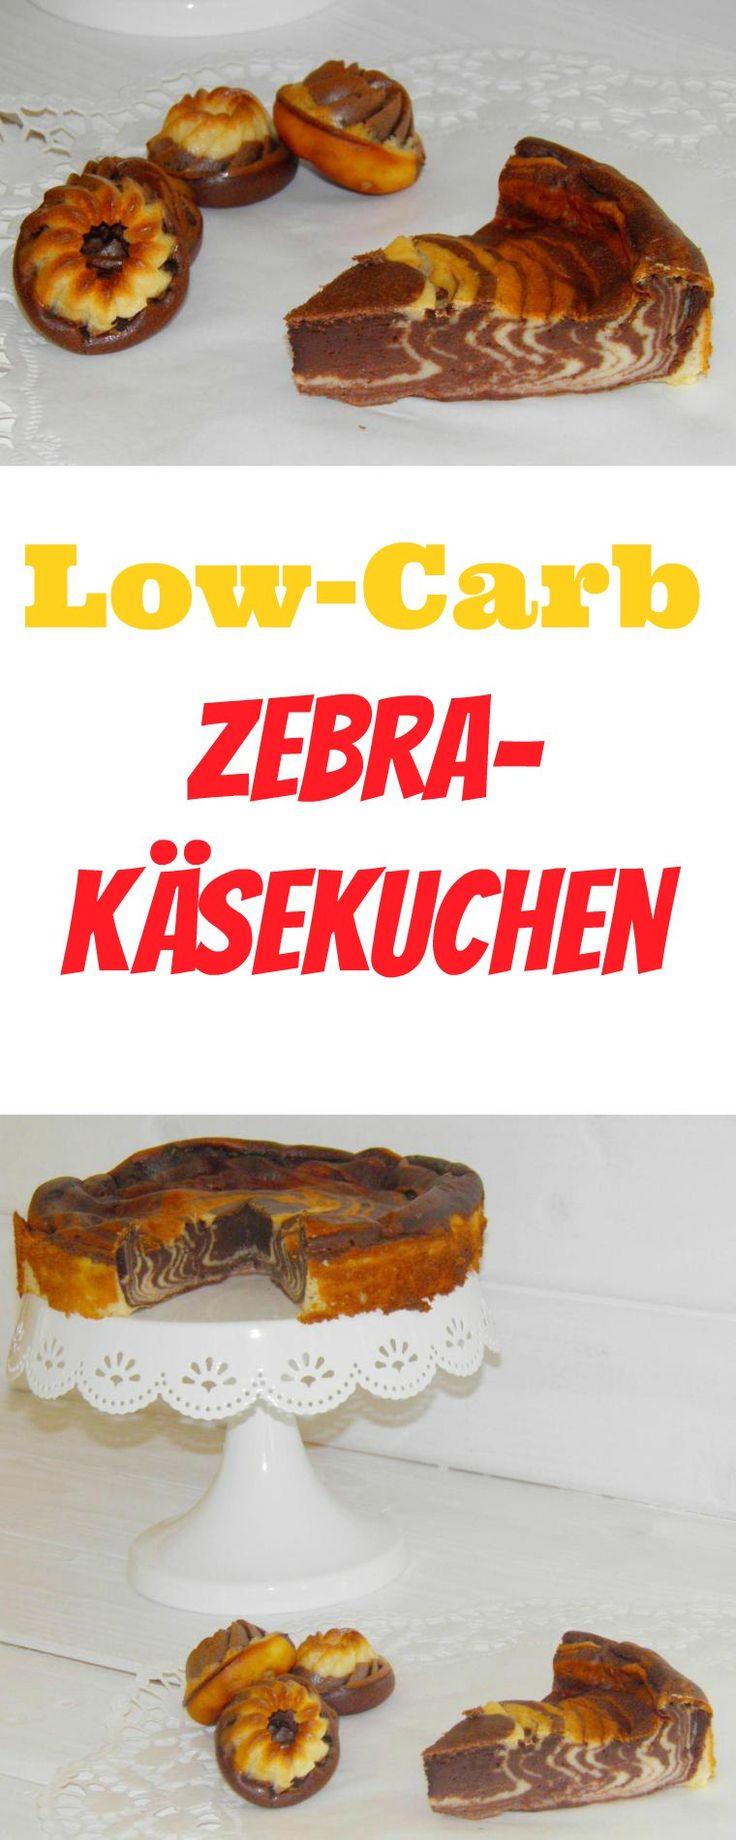 Der Thermomix Low-Carb Zebra - Käsekuchen ist wieder einer von der ganze schnellen Sorte. Alles rein in den Mixtopf, kurz rühren und fertig. Ich mag ja unheimlich gerne Käsekuchen (oder russischen Zupfkuchen). Allerdings braucht man da immer einen Boden und den muss man dann noch ausrollen, was ich gar nicht gerne mache. Außerdem ist es dann immer gleich so ein 26 cm – Riesending. Daher gibt es heute für Euch den Thermomix Low-Carb Zebra-Käsekuchen in der praktischen 20 cm Durchmesser-Form.